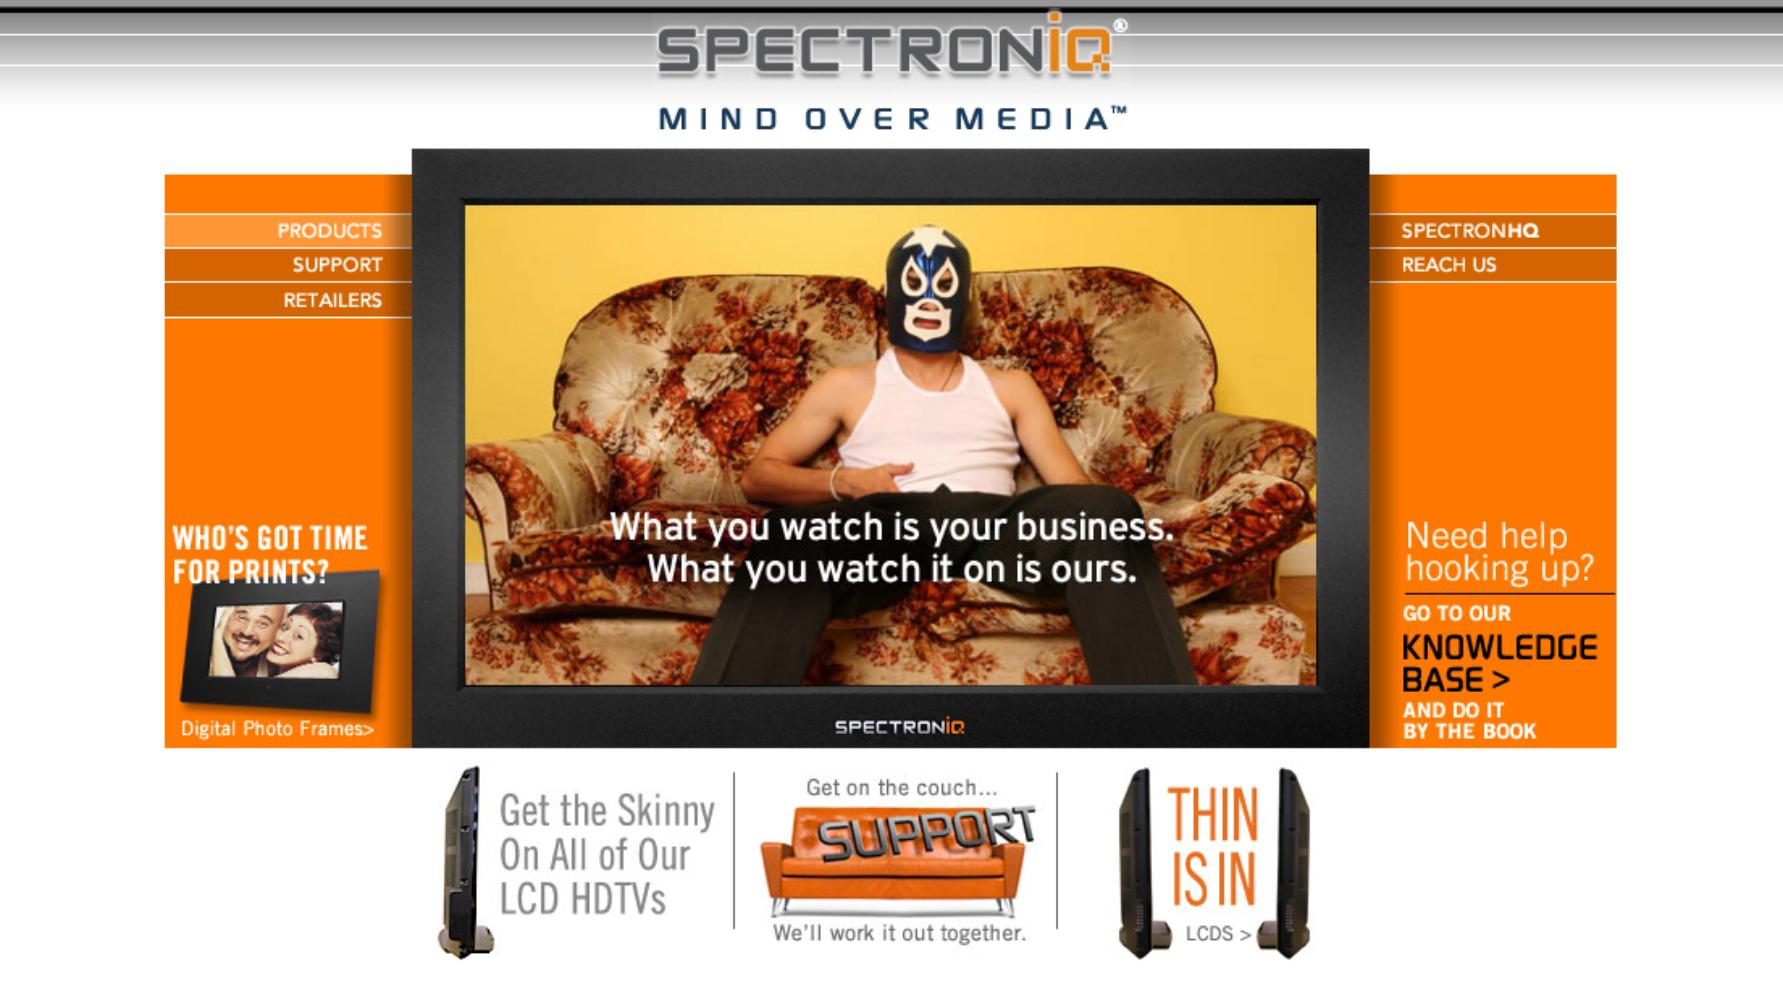 SpectronIQ.com